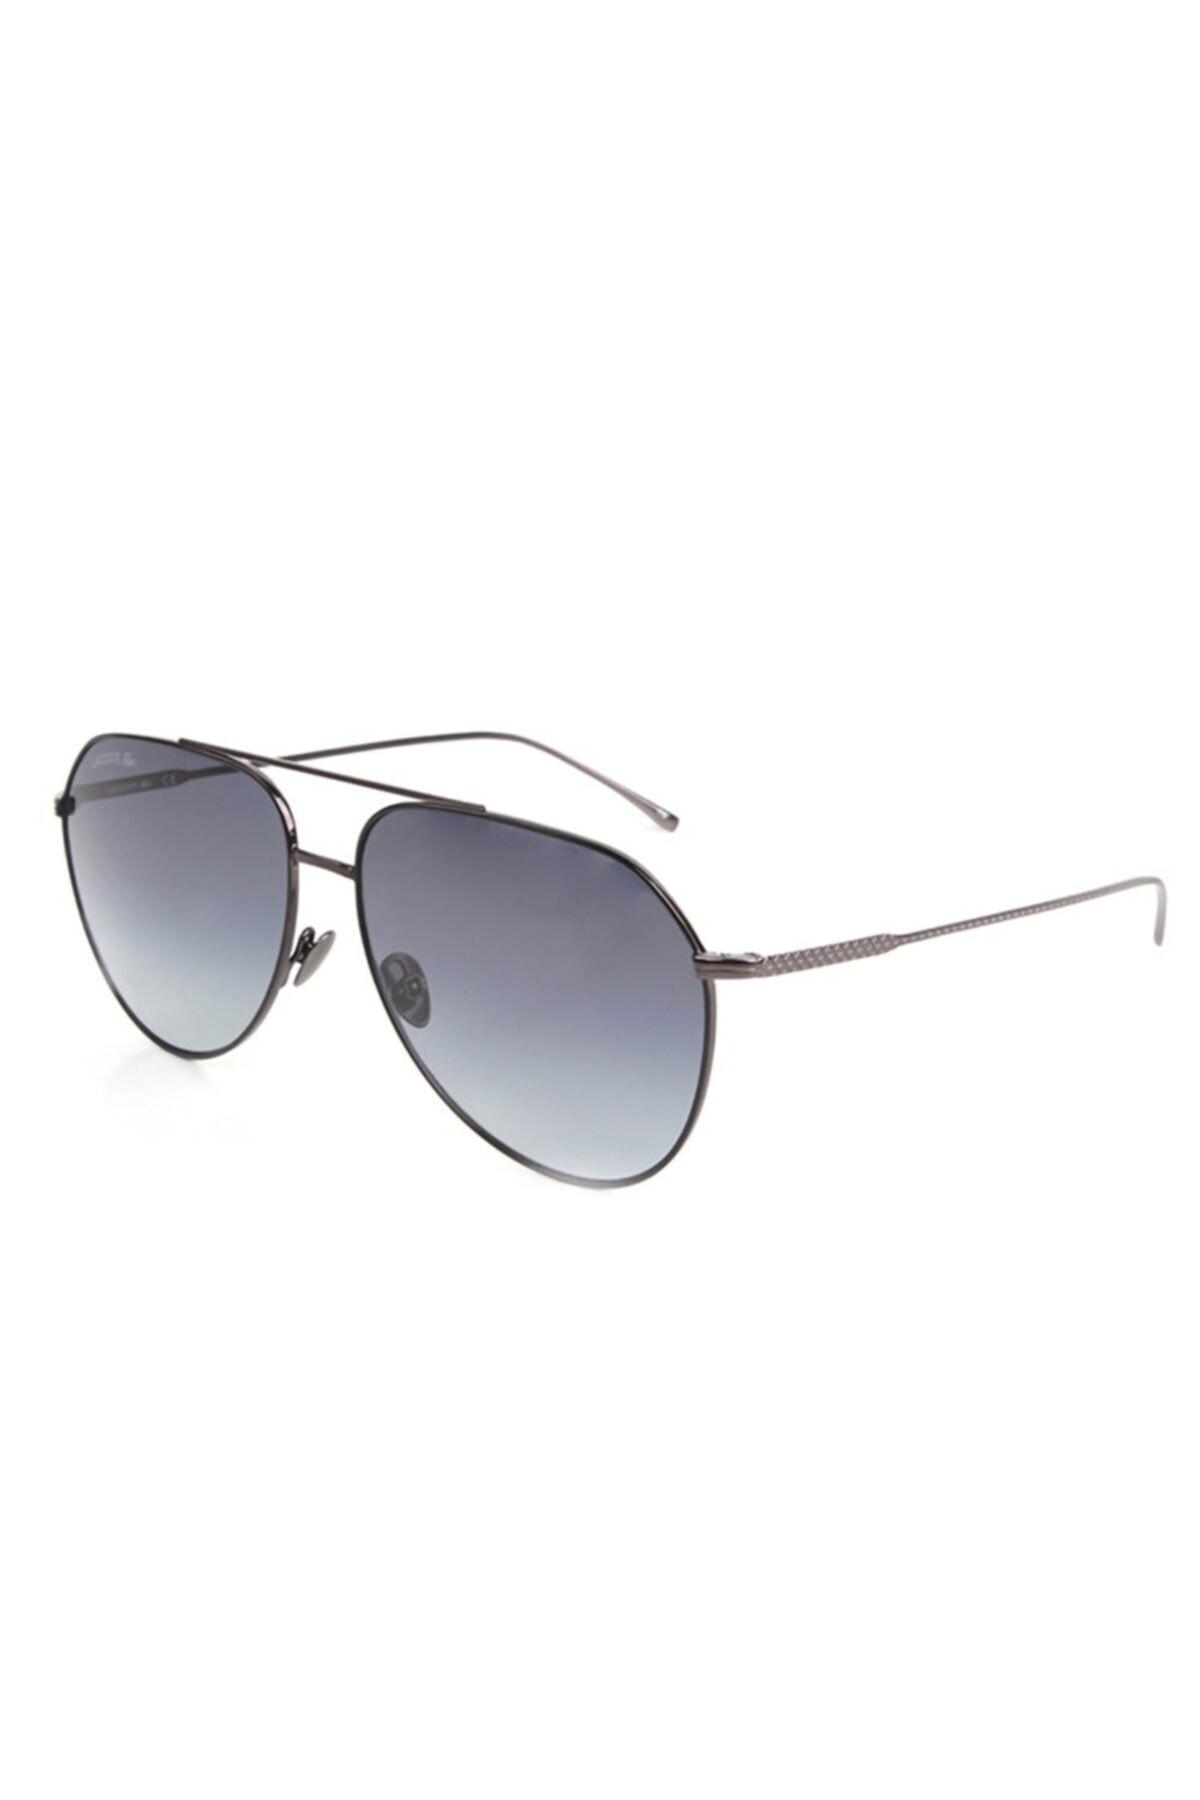 خرید انلاین عینک آفتابی مردانه خاص برند لاگوست lacoste رنگ نقره ای کد ty43318474